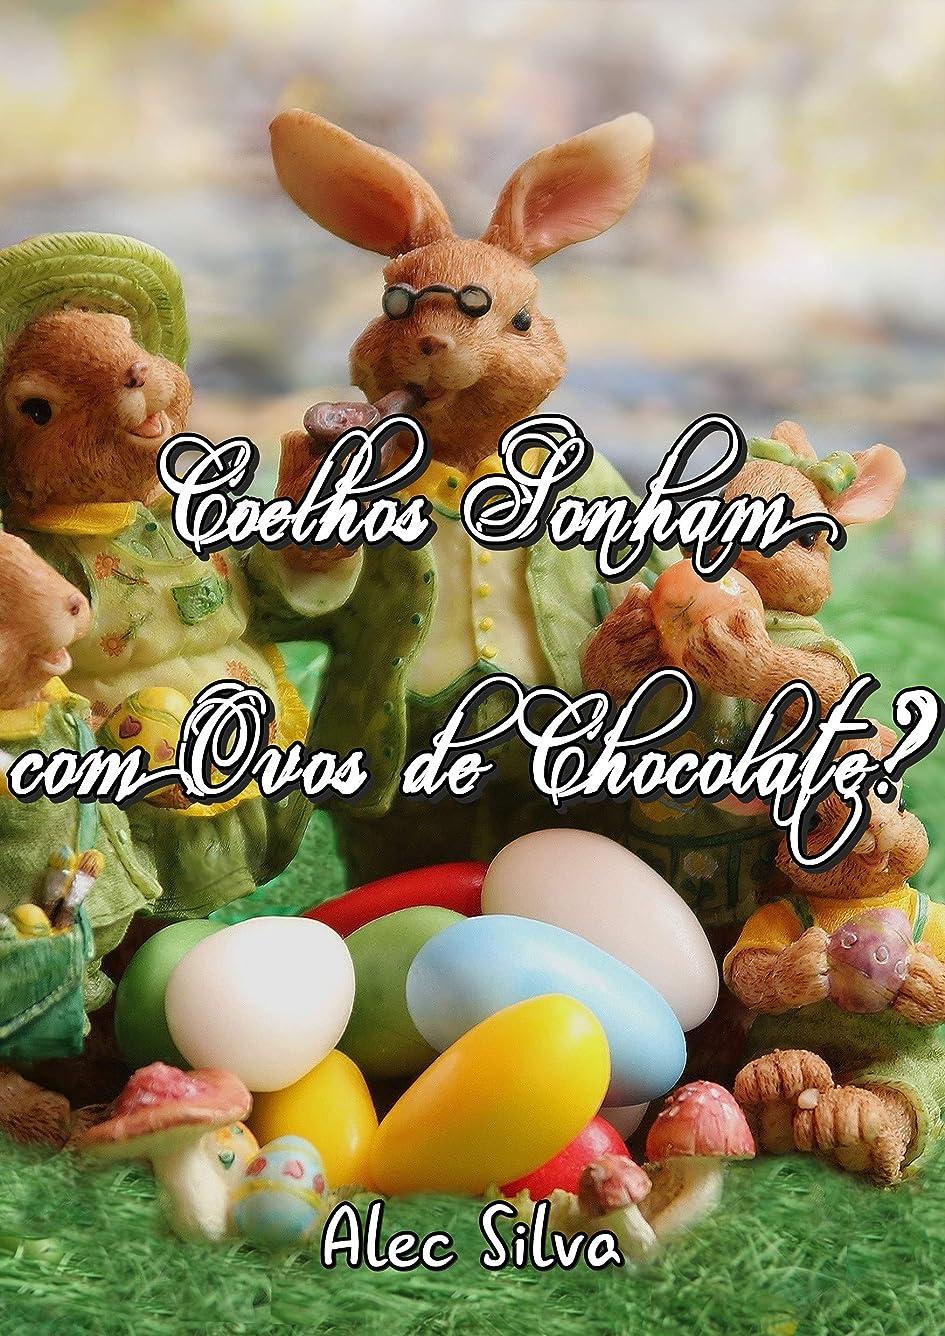 ミントいろいろ小売Coelhos Sonham com Ovos de Chocolate? (Portuguese Edition)